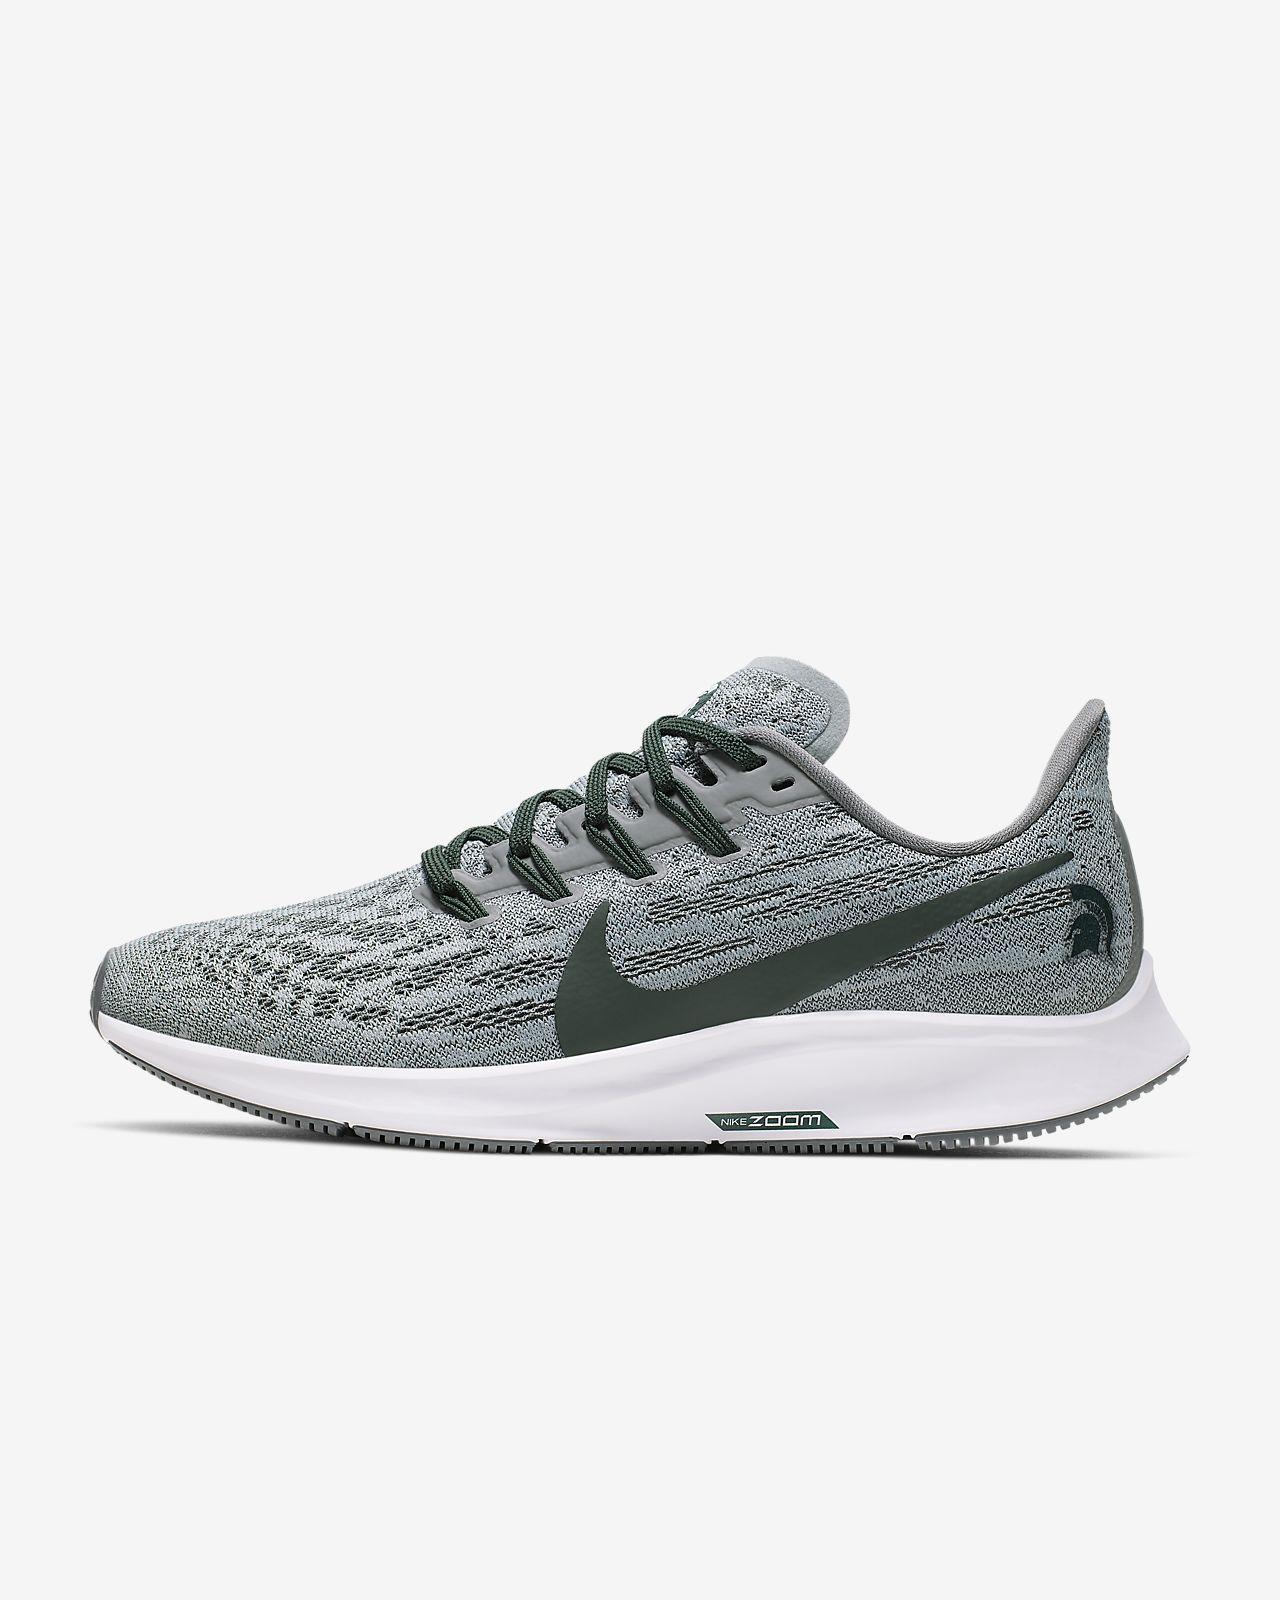 Nike Air Zoom Pegasus 36 (Michigan State) Women's Running Shoe